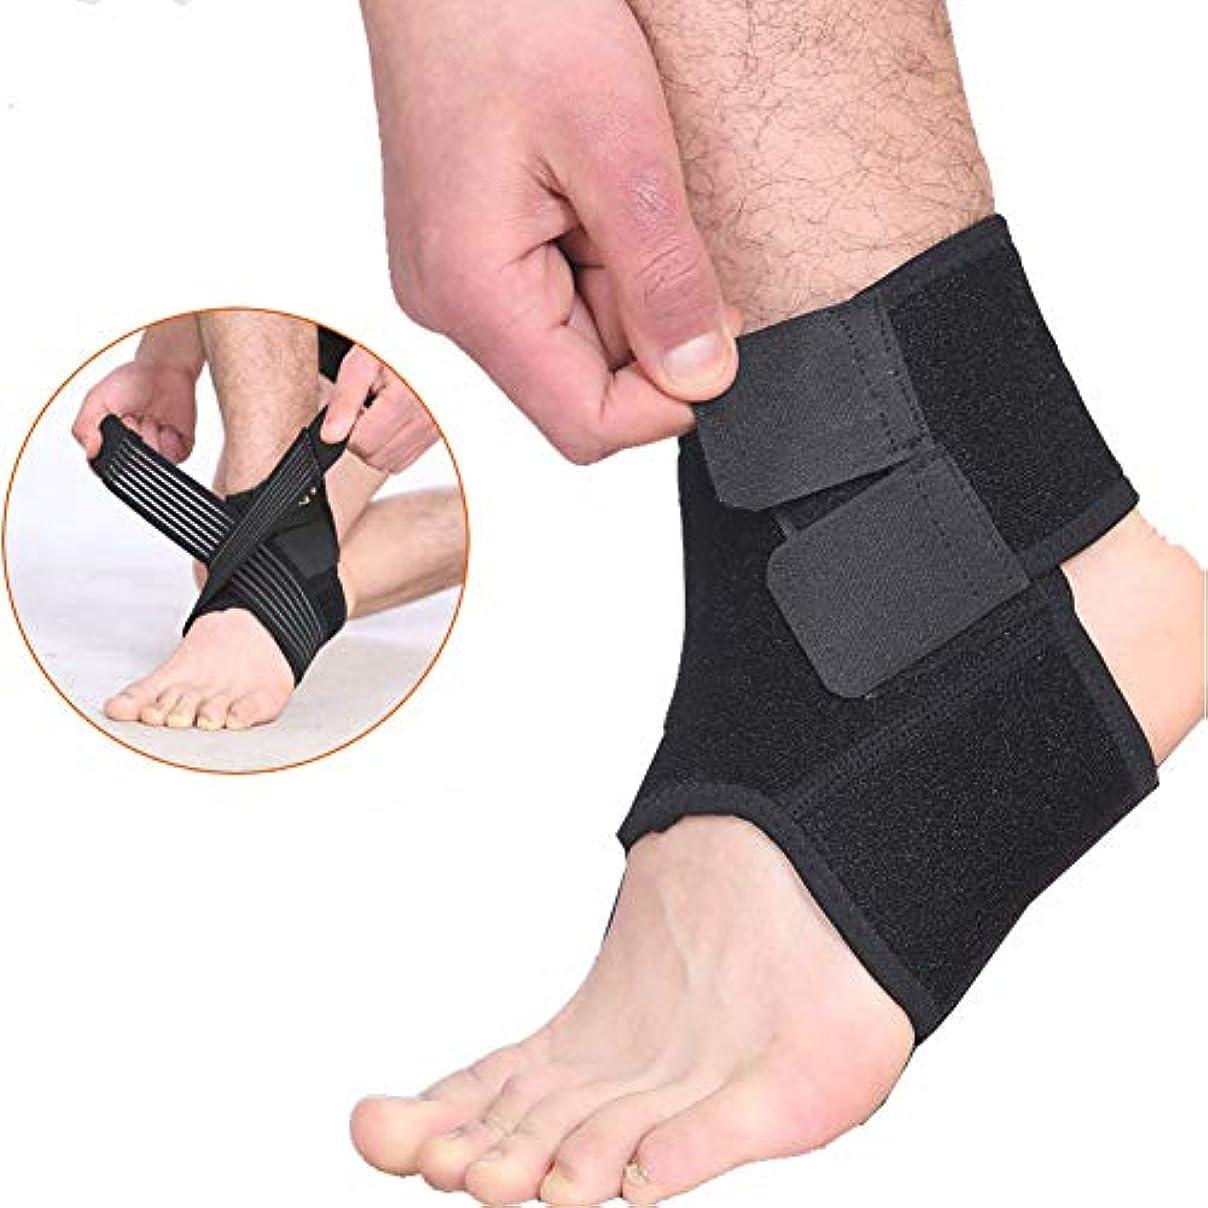 些細黙認する散文足首ガード、調整可能足首サポート、超通気性と超弾性、運動に最適、慢性足首の捻挫を防止、捻挫(ペア)